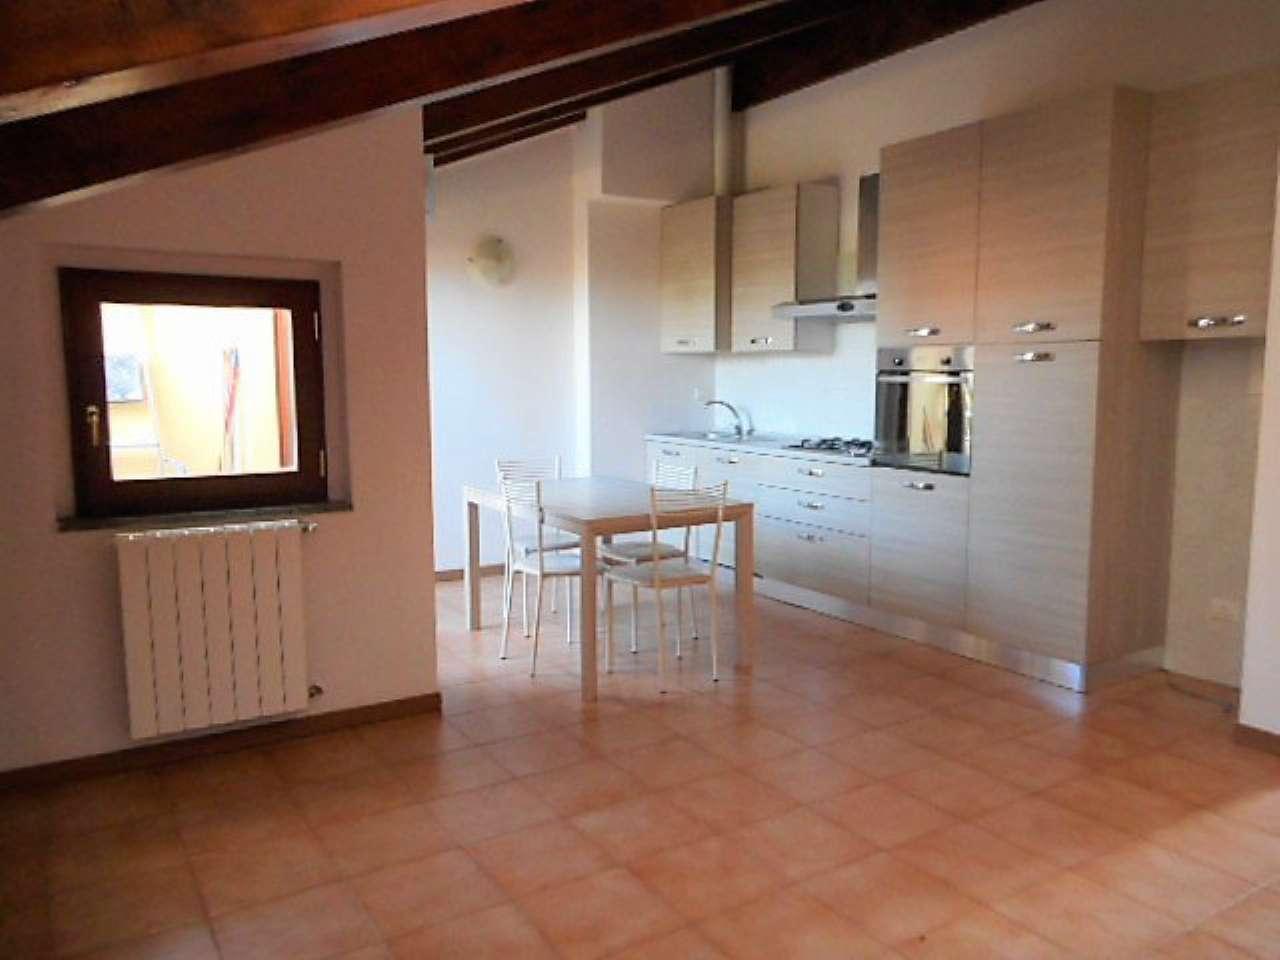 Appartamento in affitto a Bovisio Masciago, 3 locali, prezzo € 600 | CambioCasa.it